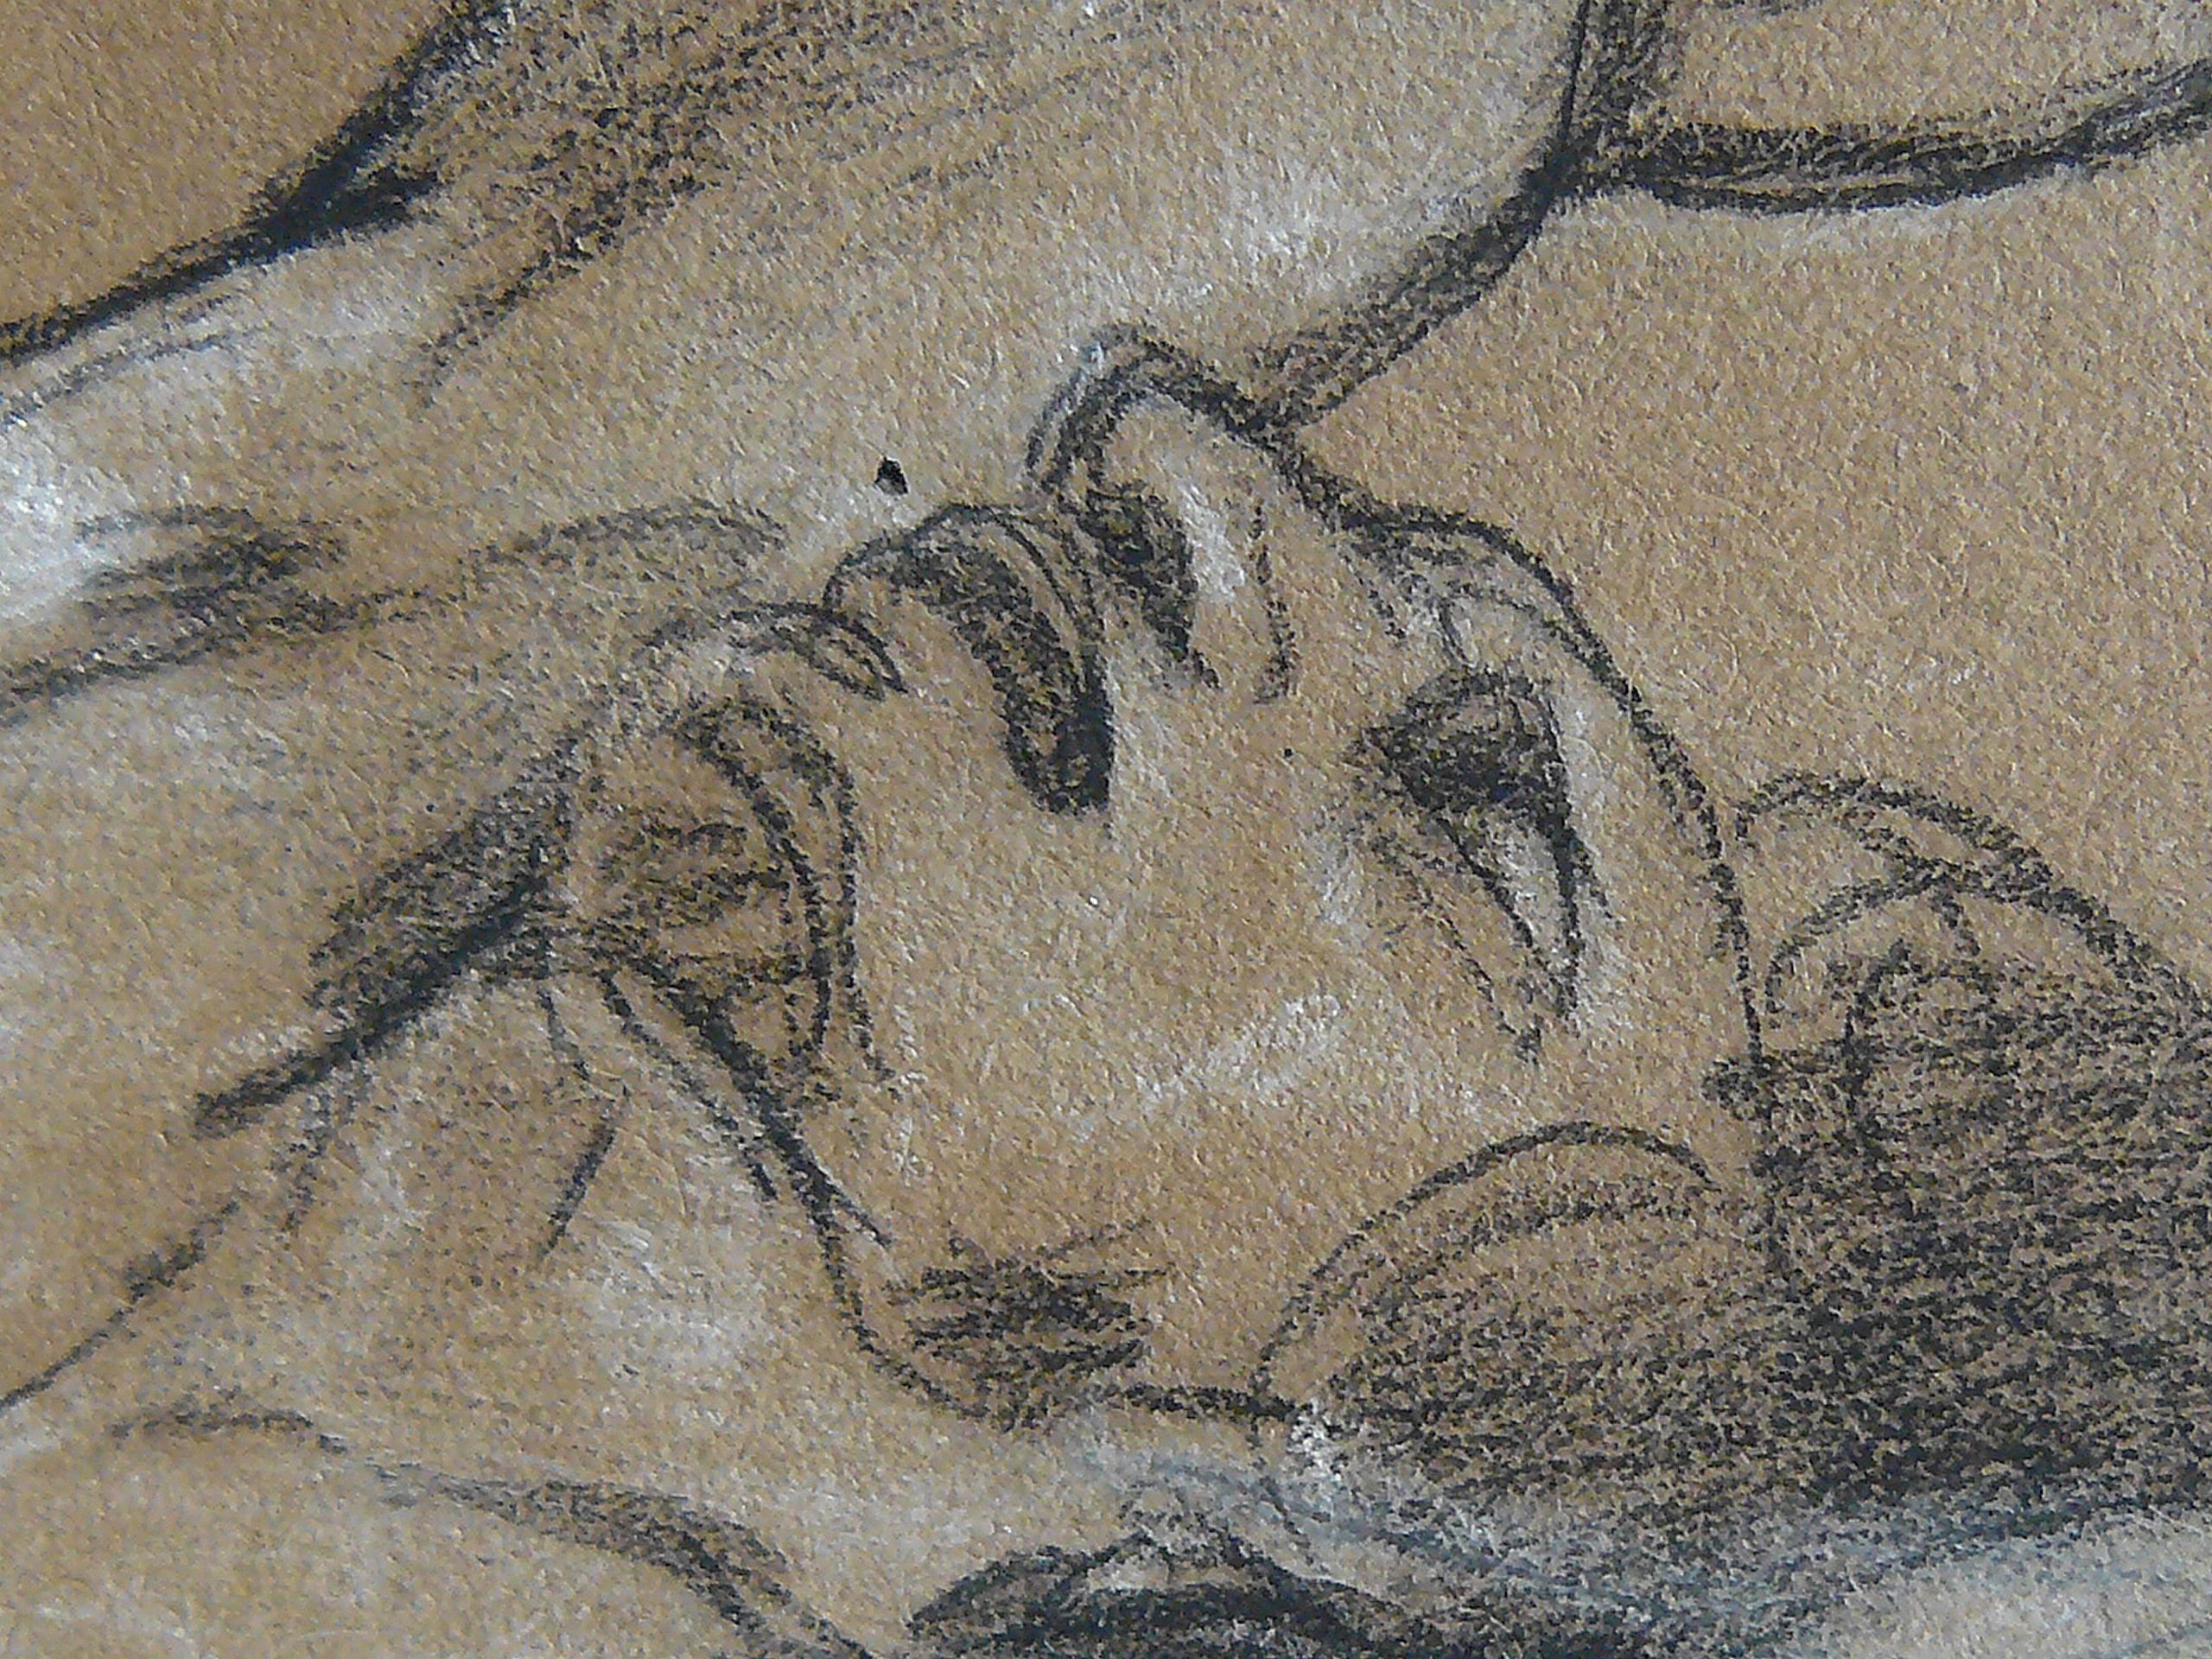 """DELACROIX Eugène,1822 - La Barque de Dante, le Damné, Etude (drawing, dessin, disegno-Louvre RF9174) - Detail 1   -   TAGS : figures details détail détails """"dessins 19e"""" """"19th-century drawings"""" croquis étude study sketch sketches France bark rowboat mer tempête sea storm naufrage amitié friendship drame drama tragedy poet man men nu nude naked """"naked man"""" """"naked men"""" nudity nudité bare """"homme nu"""" survivor danger Hell nightmare cauchemar romantisme romanticism romance"""